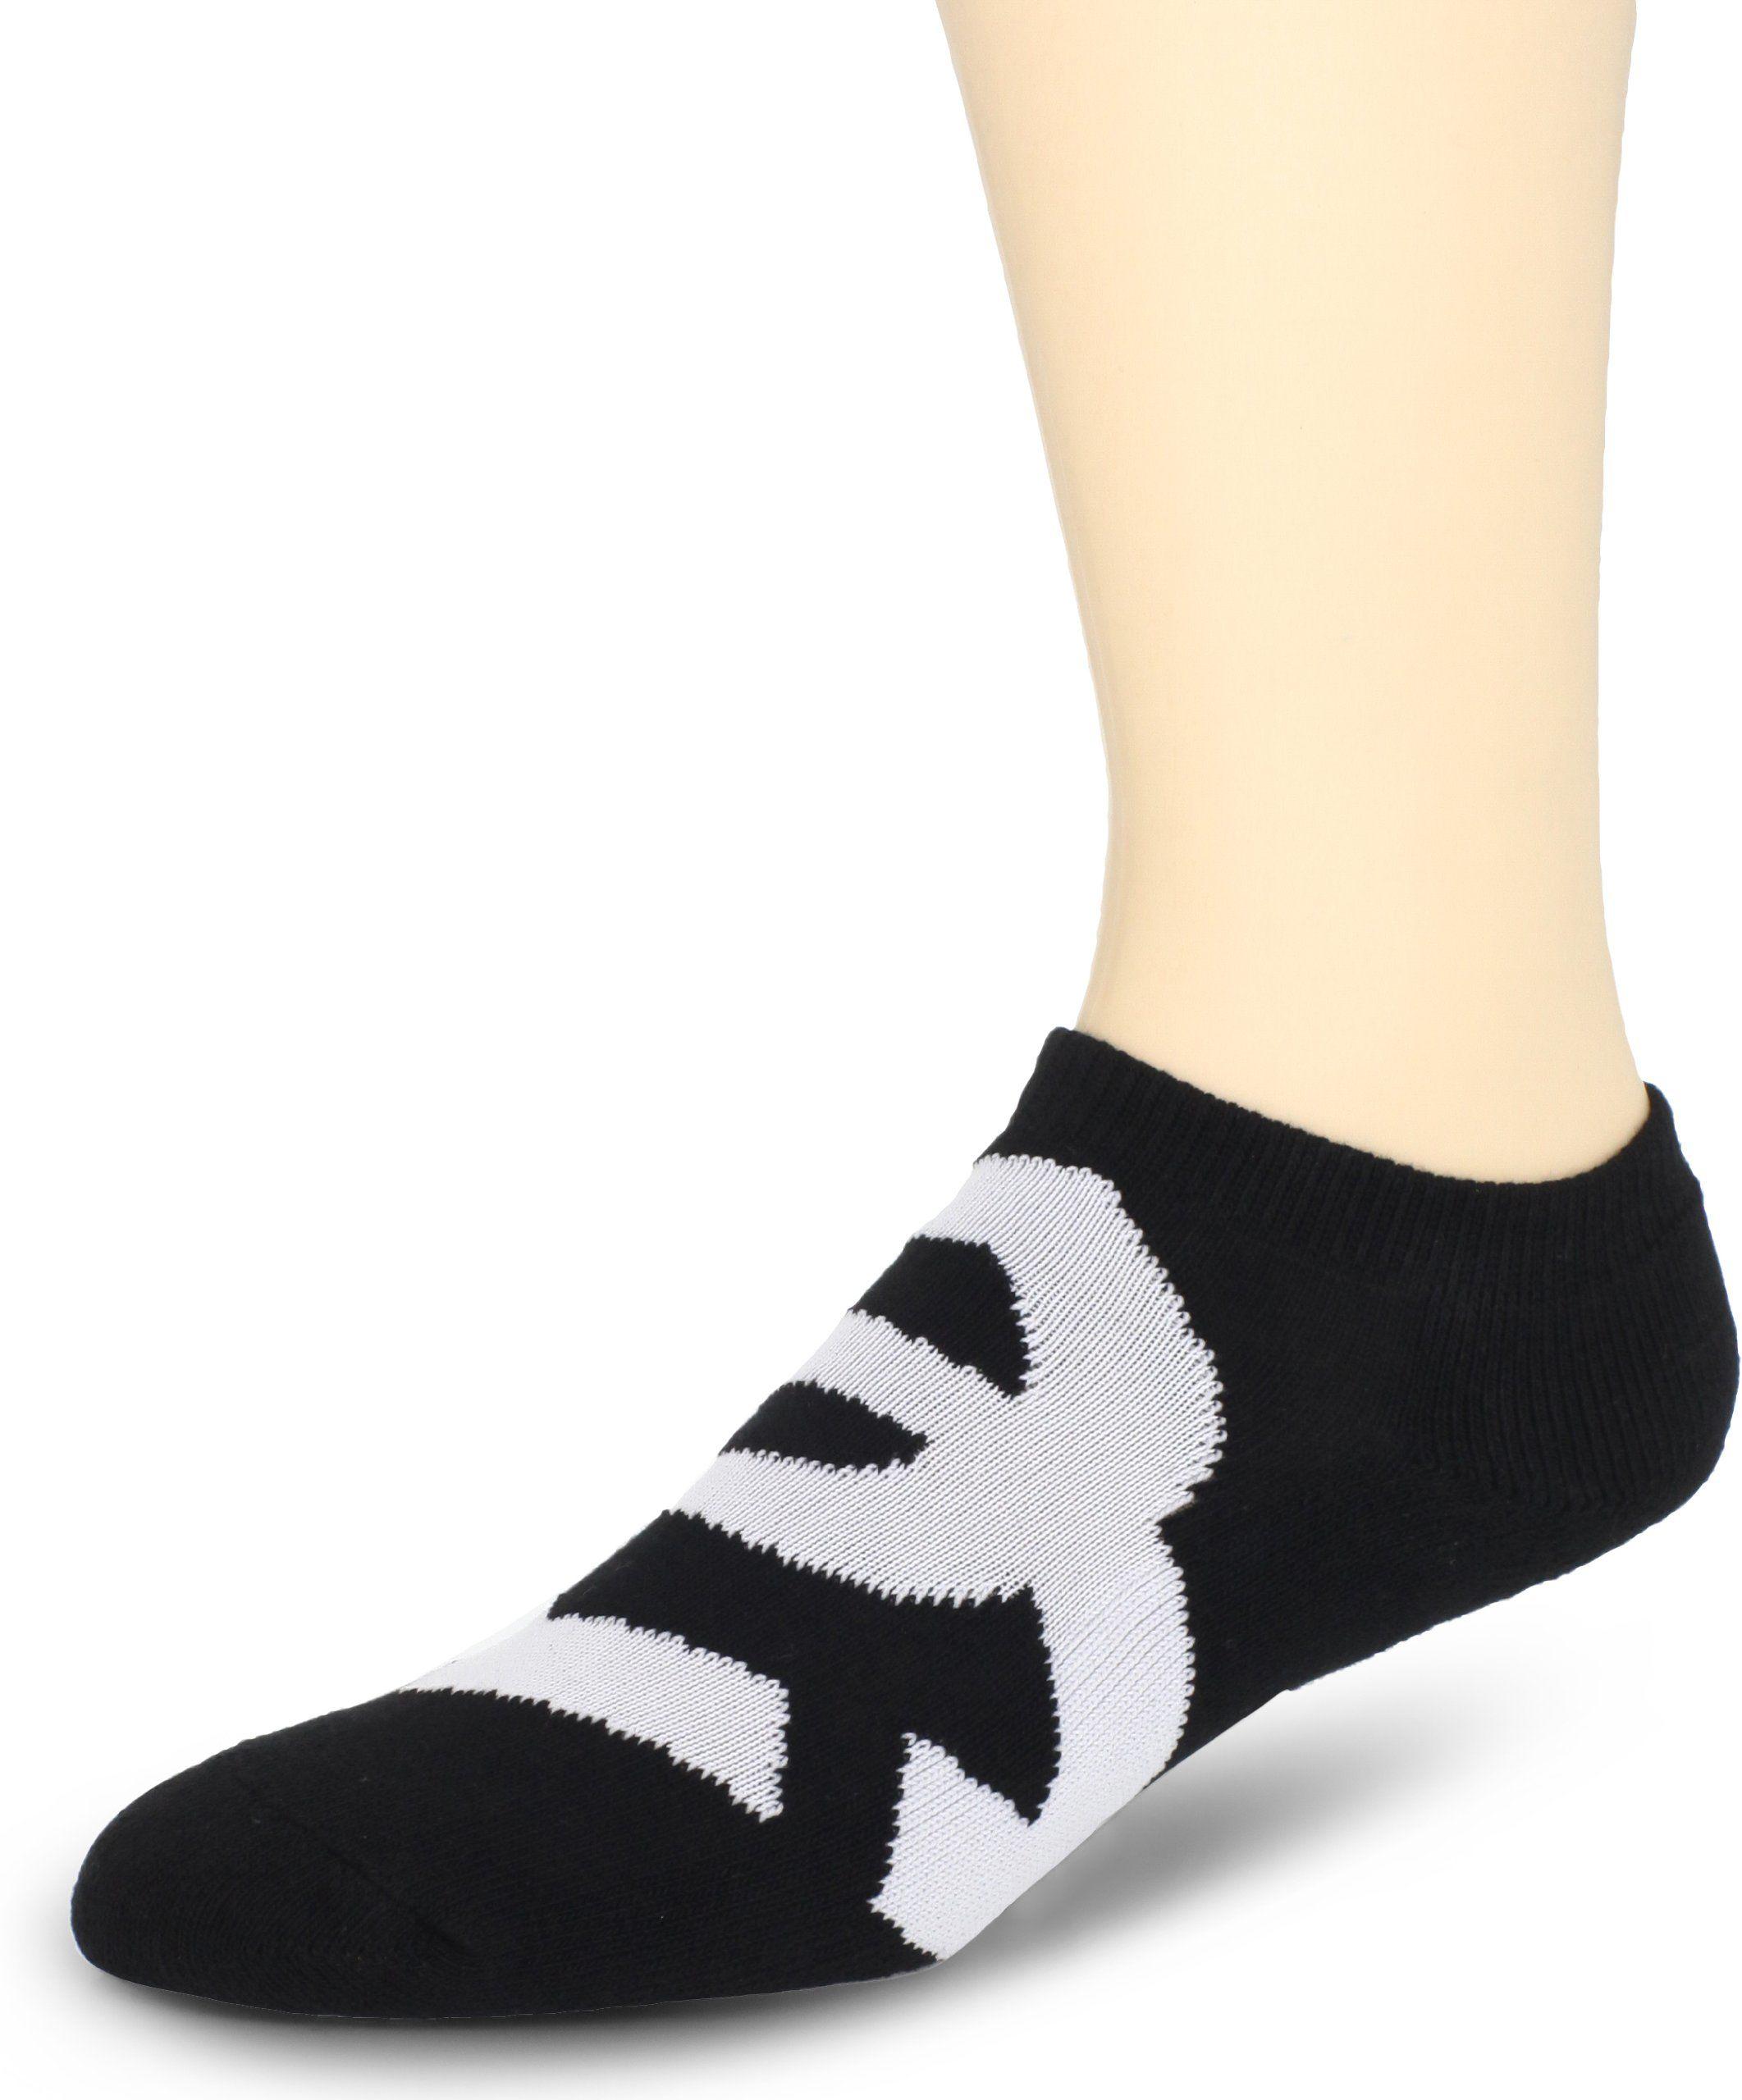 DC Shoes Lampa wisząca  skarpety sportowe  męskie, 51340022, czarna (czarna), FR: 39-42 (materiał w talii: 8-10)